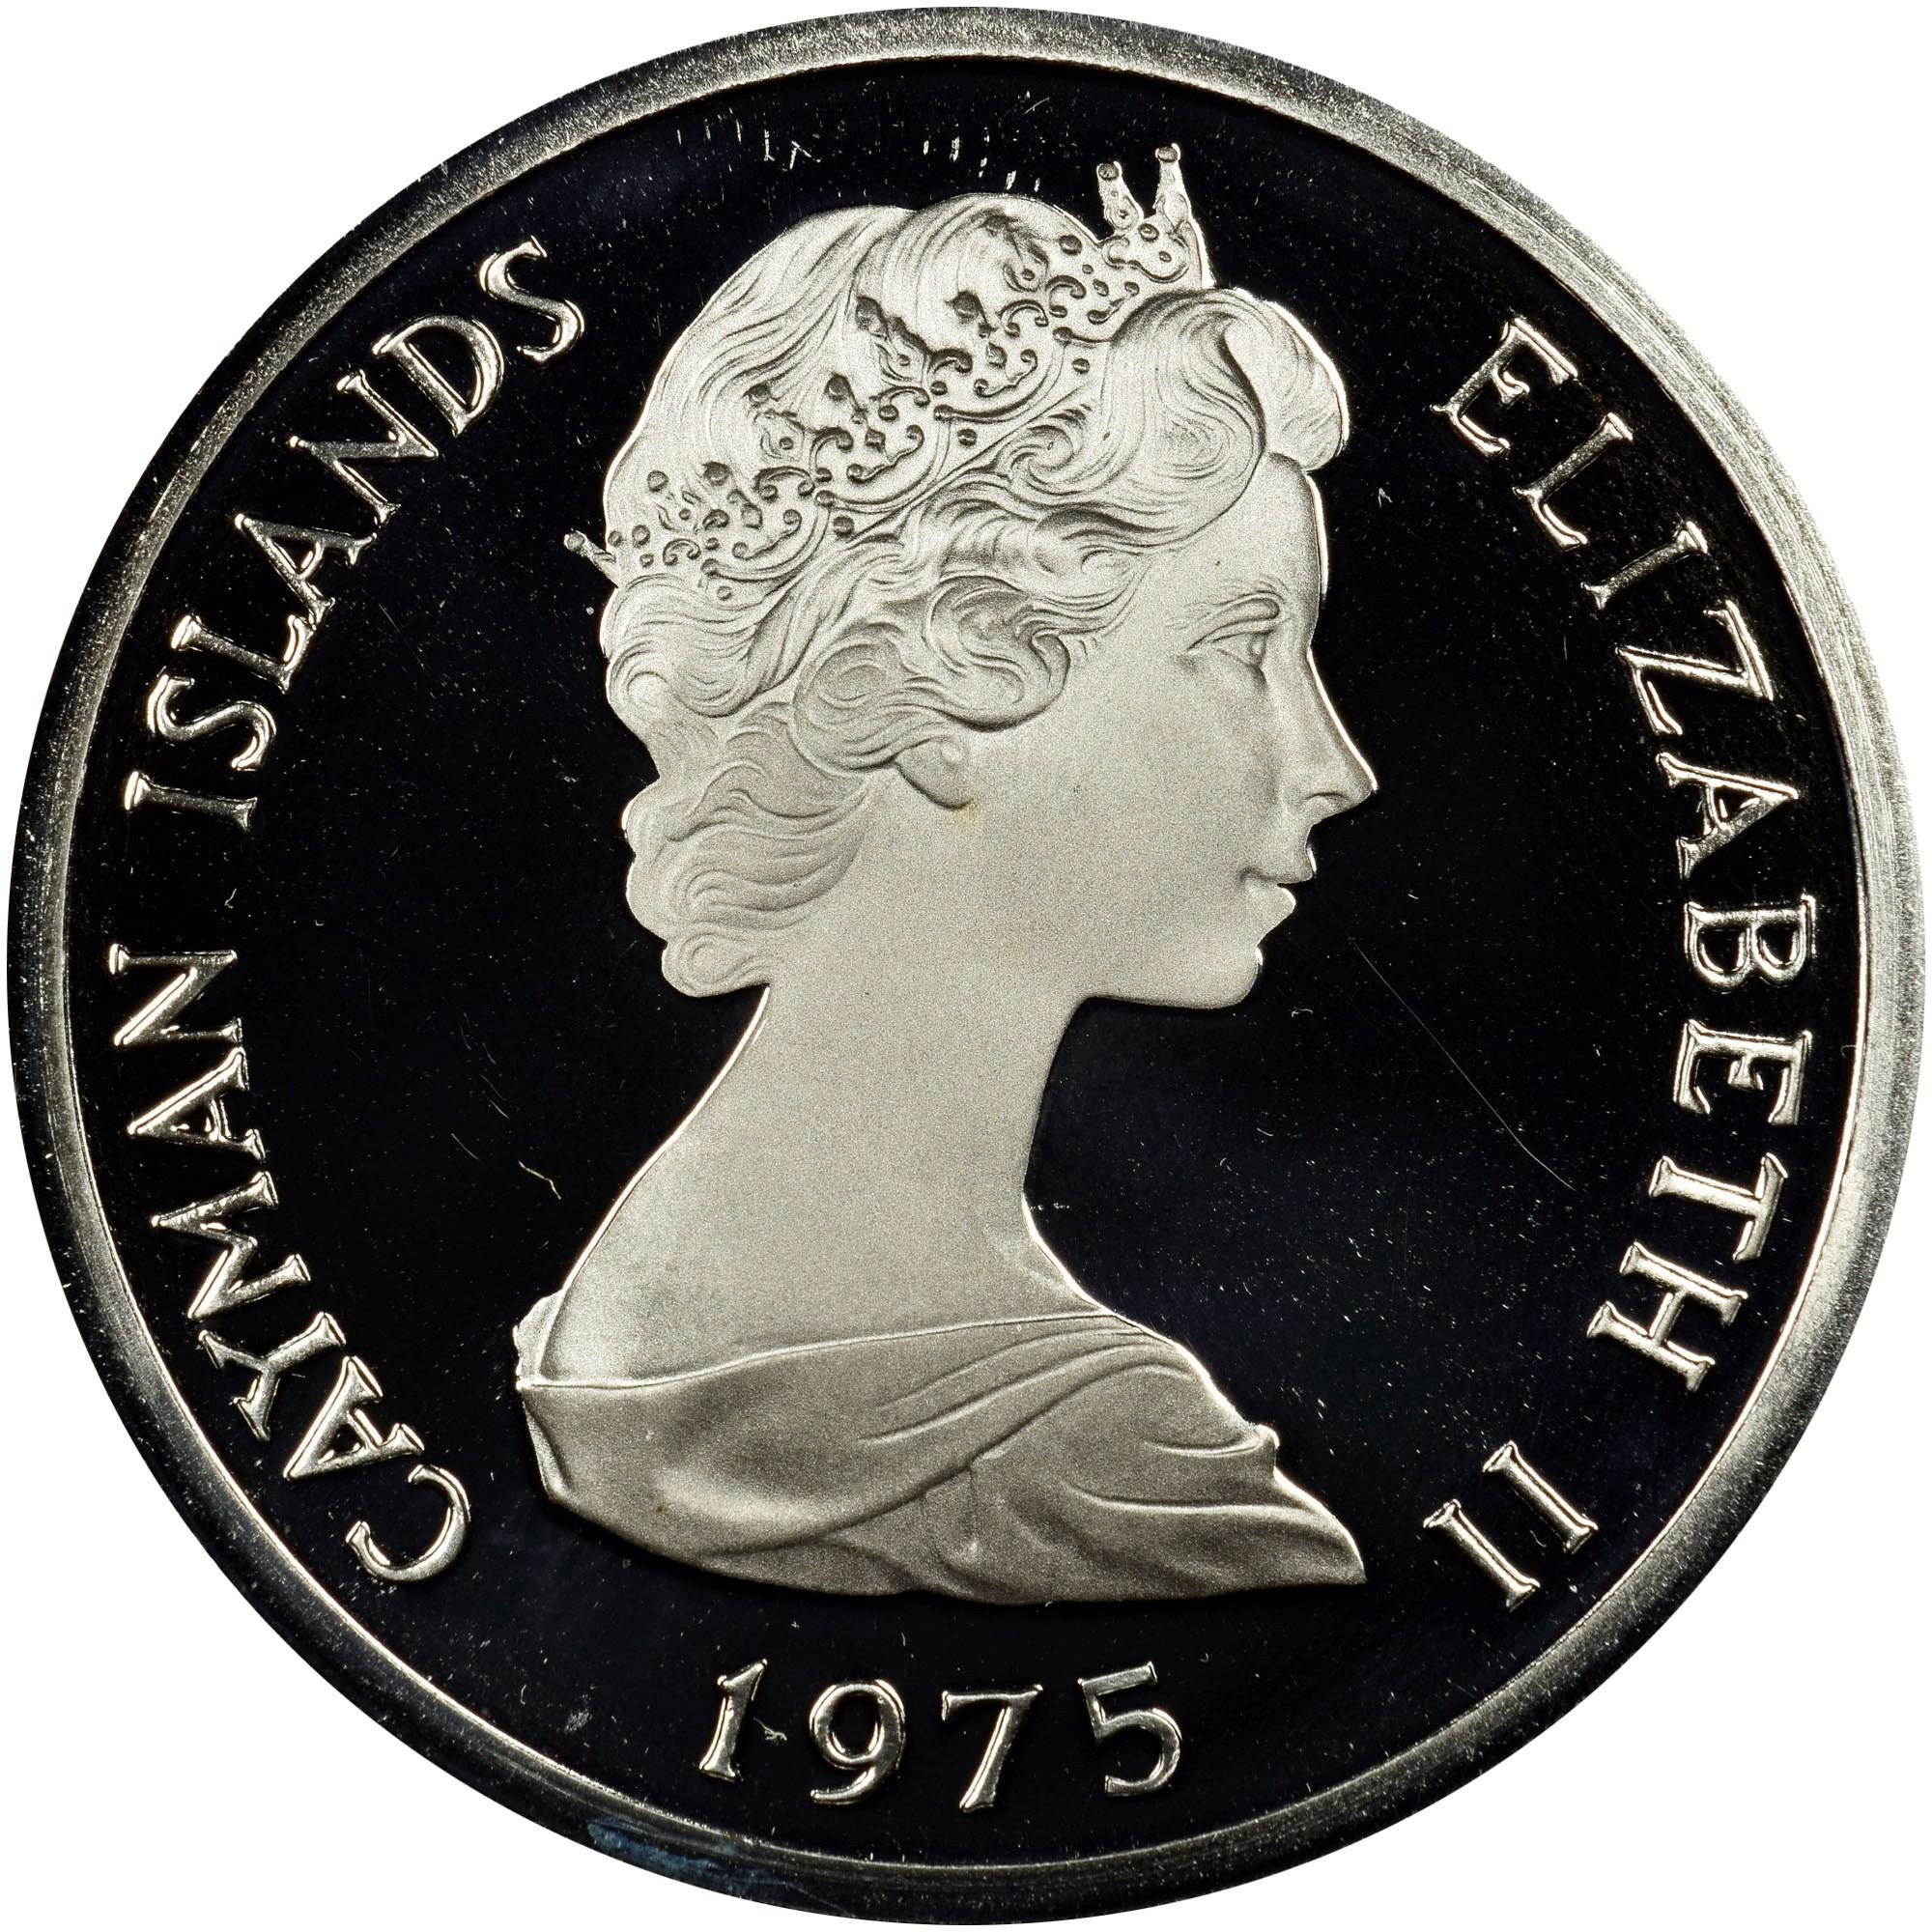 1975 Switzerland Mint Set 8 Coins